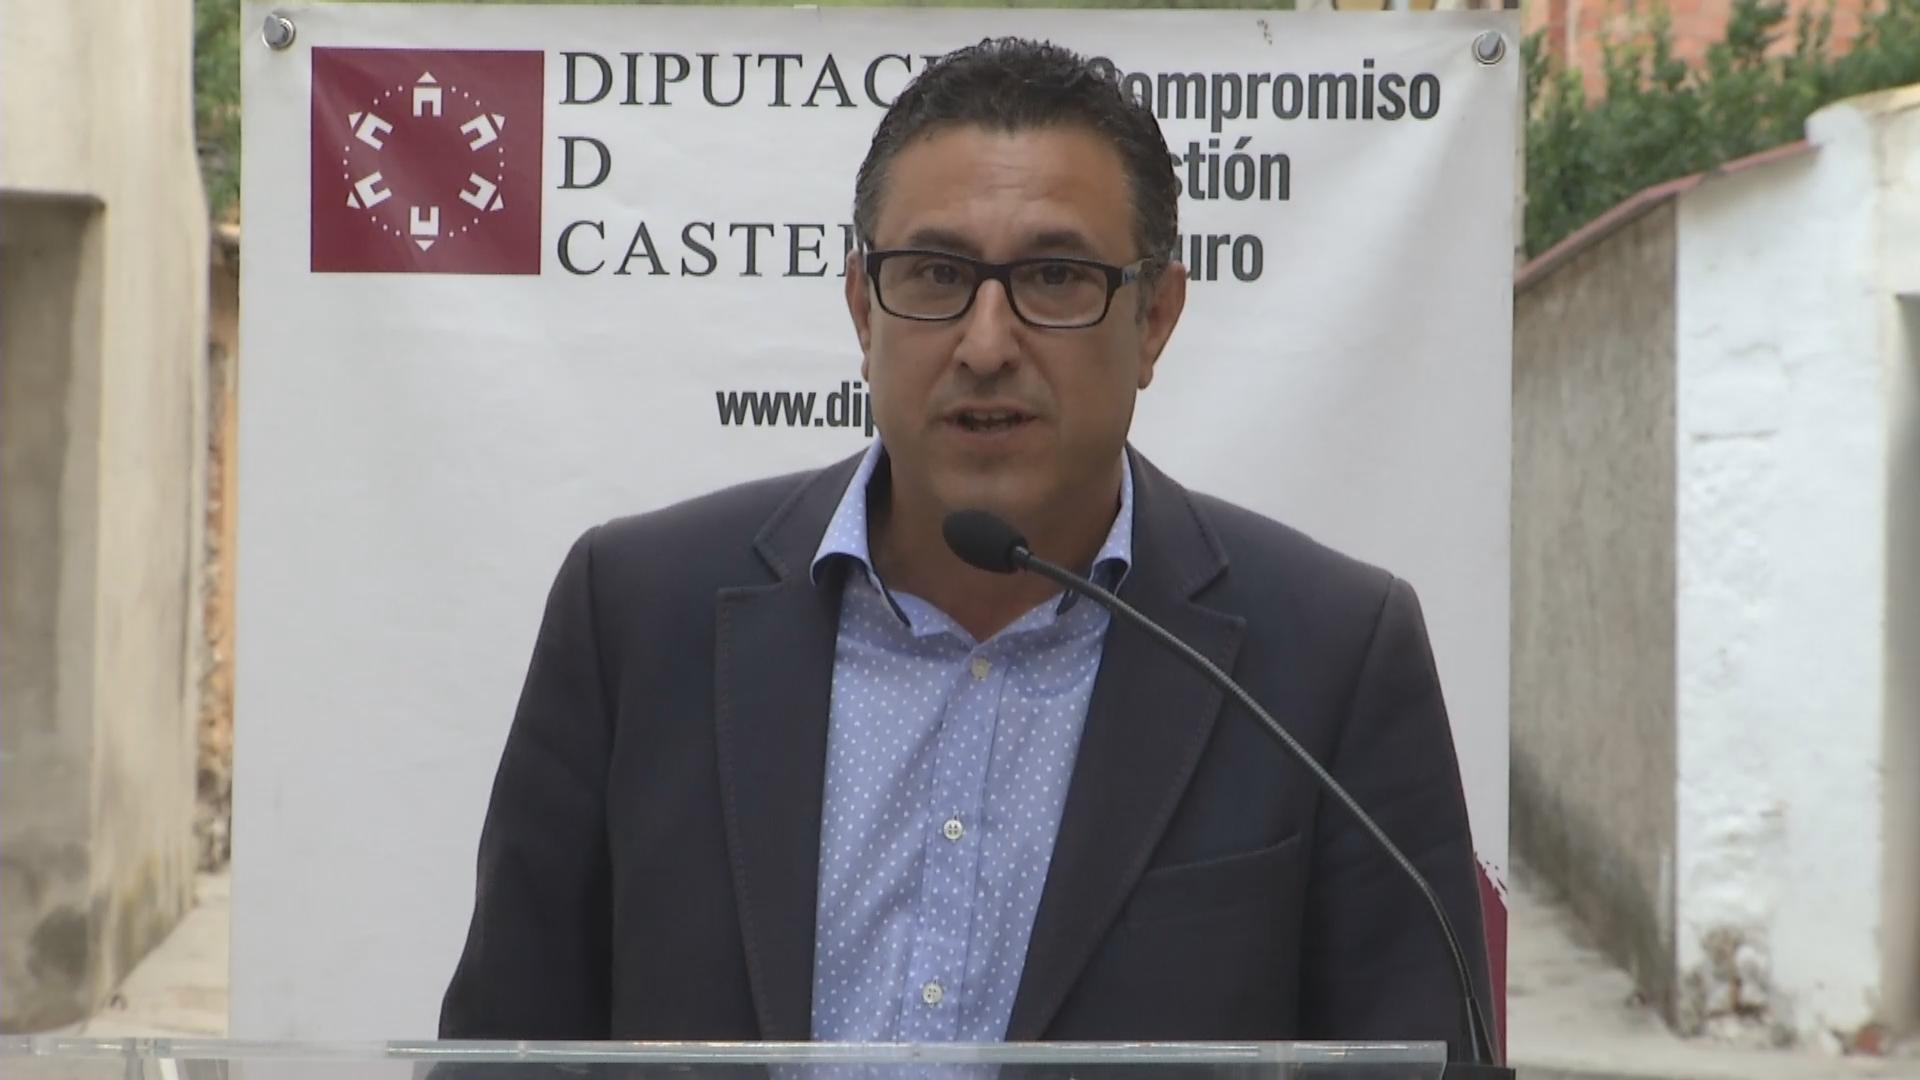 Tírig, la Diputació invertirà 140.000€ per construir un nou dipòsit d'aigua